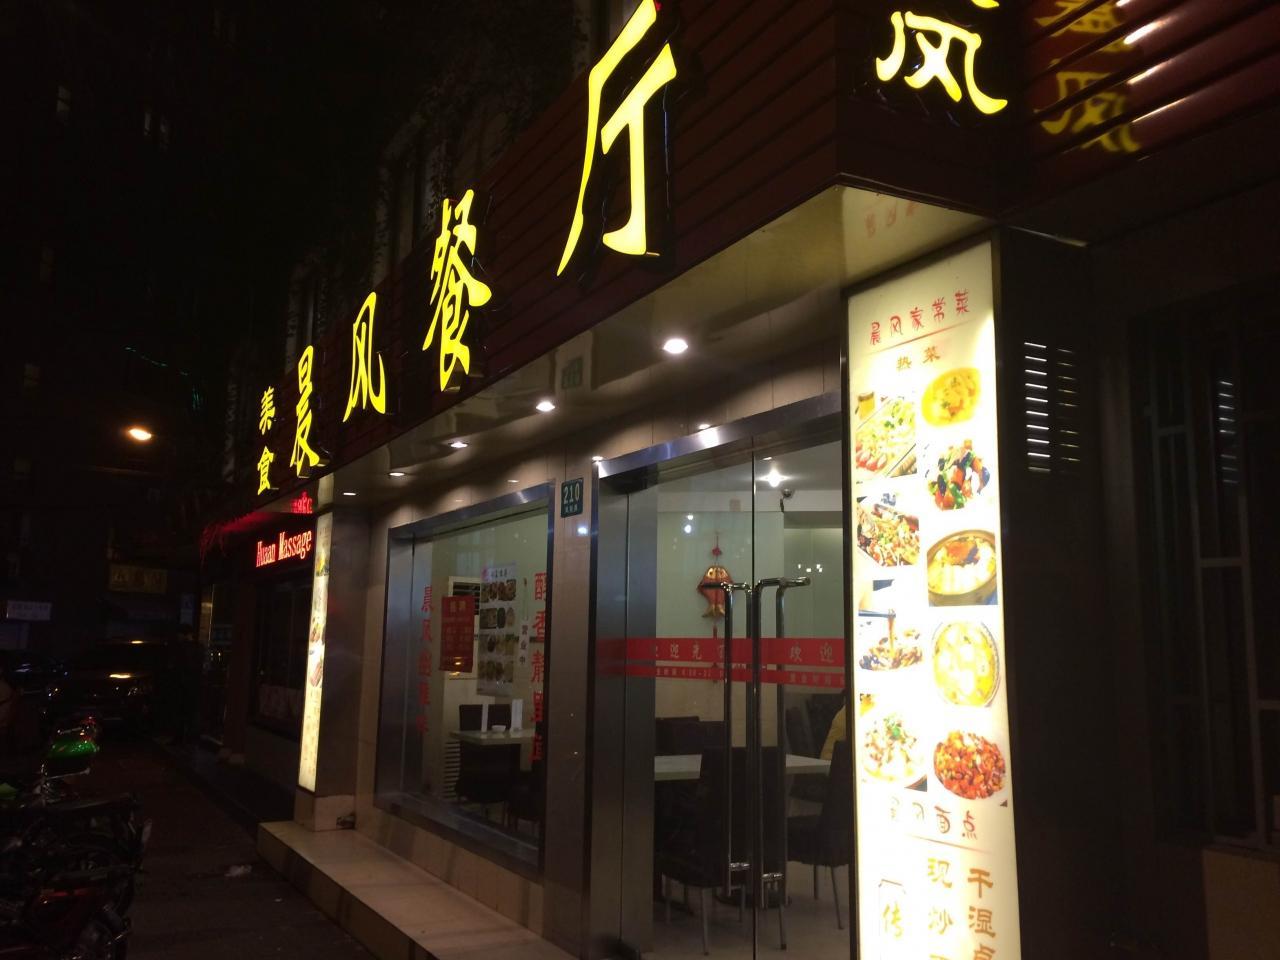 『食は中国にあり:上海での食事』上海(中国)の旅行記・ブログ ...